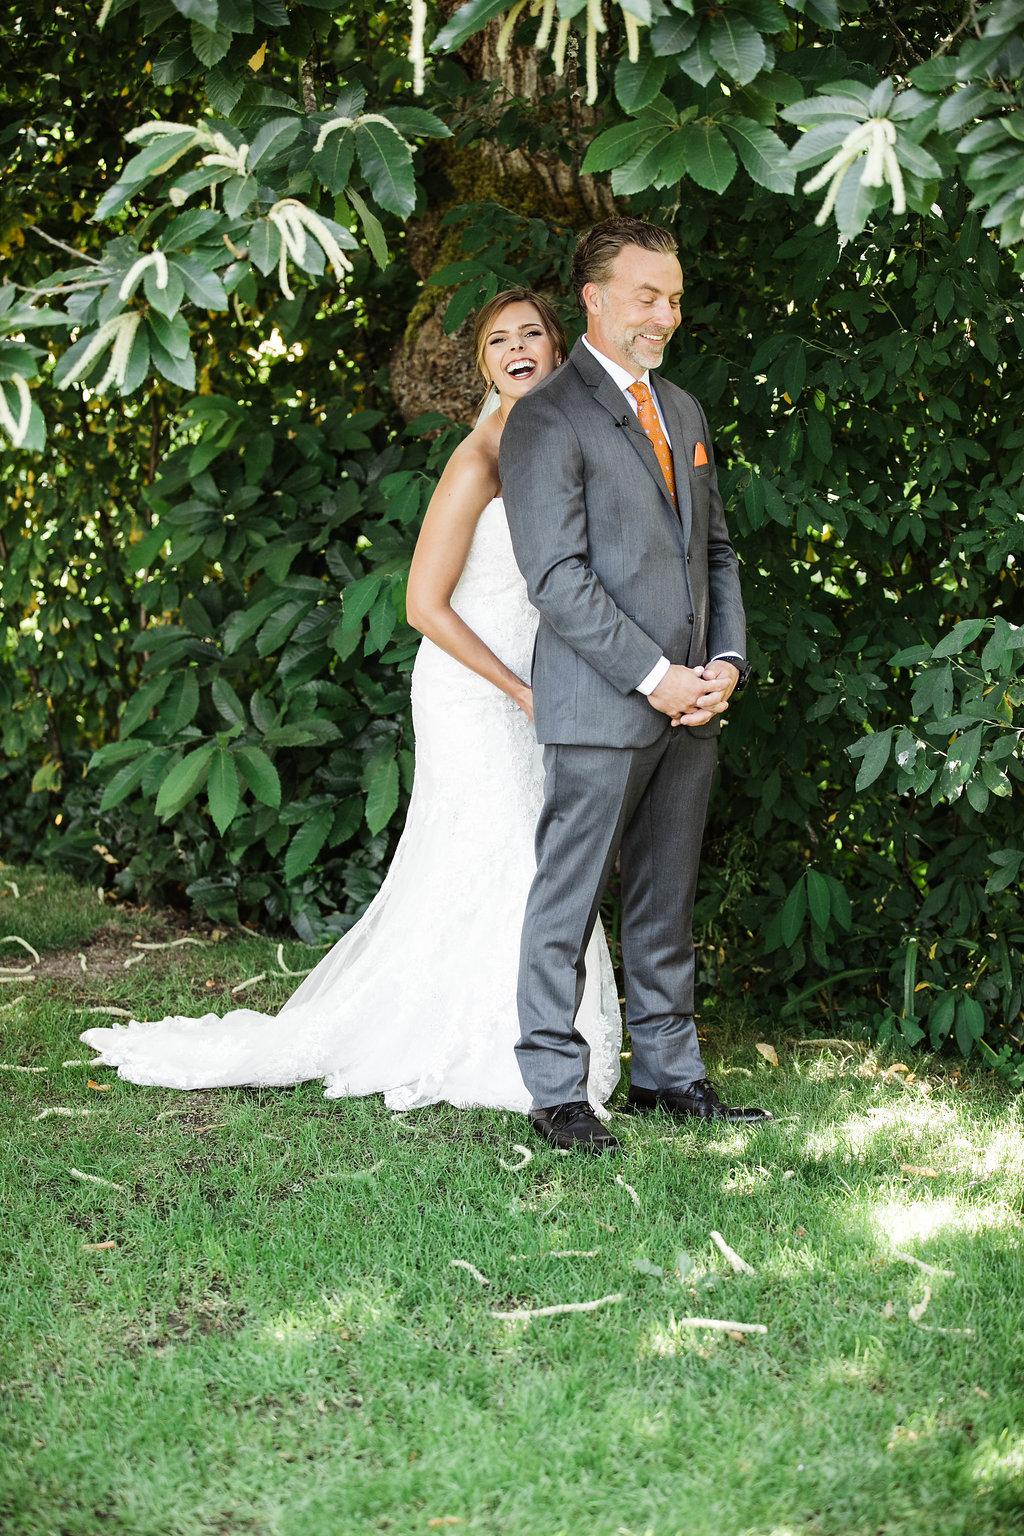 Erin+Tyson_The_Kelley_Farm_Wedding_by_Adina_Preston_Weddings_19.JPG